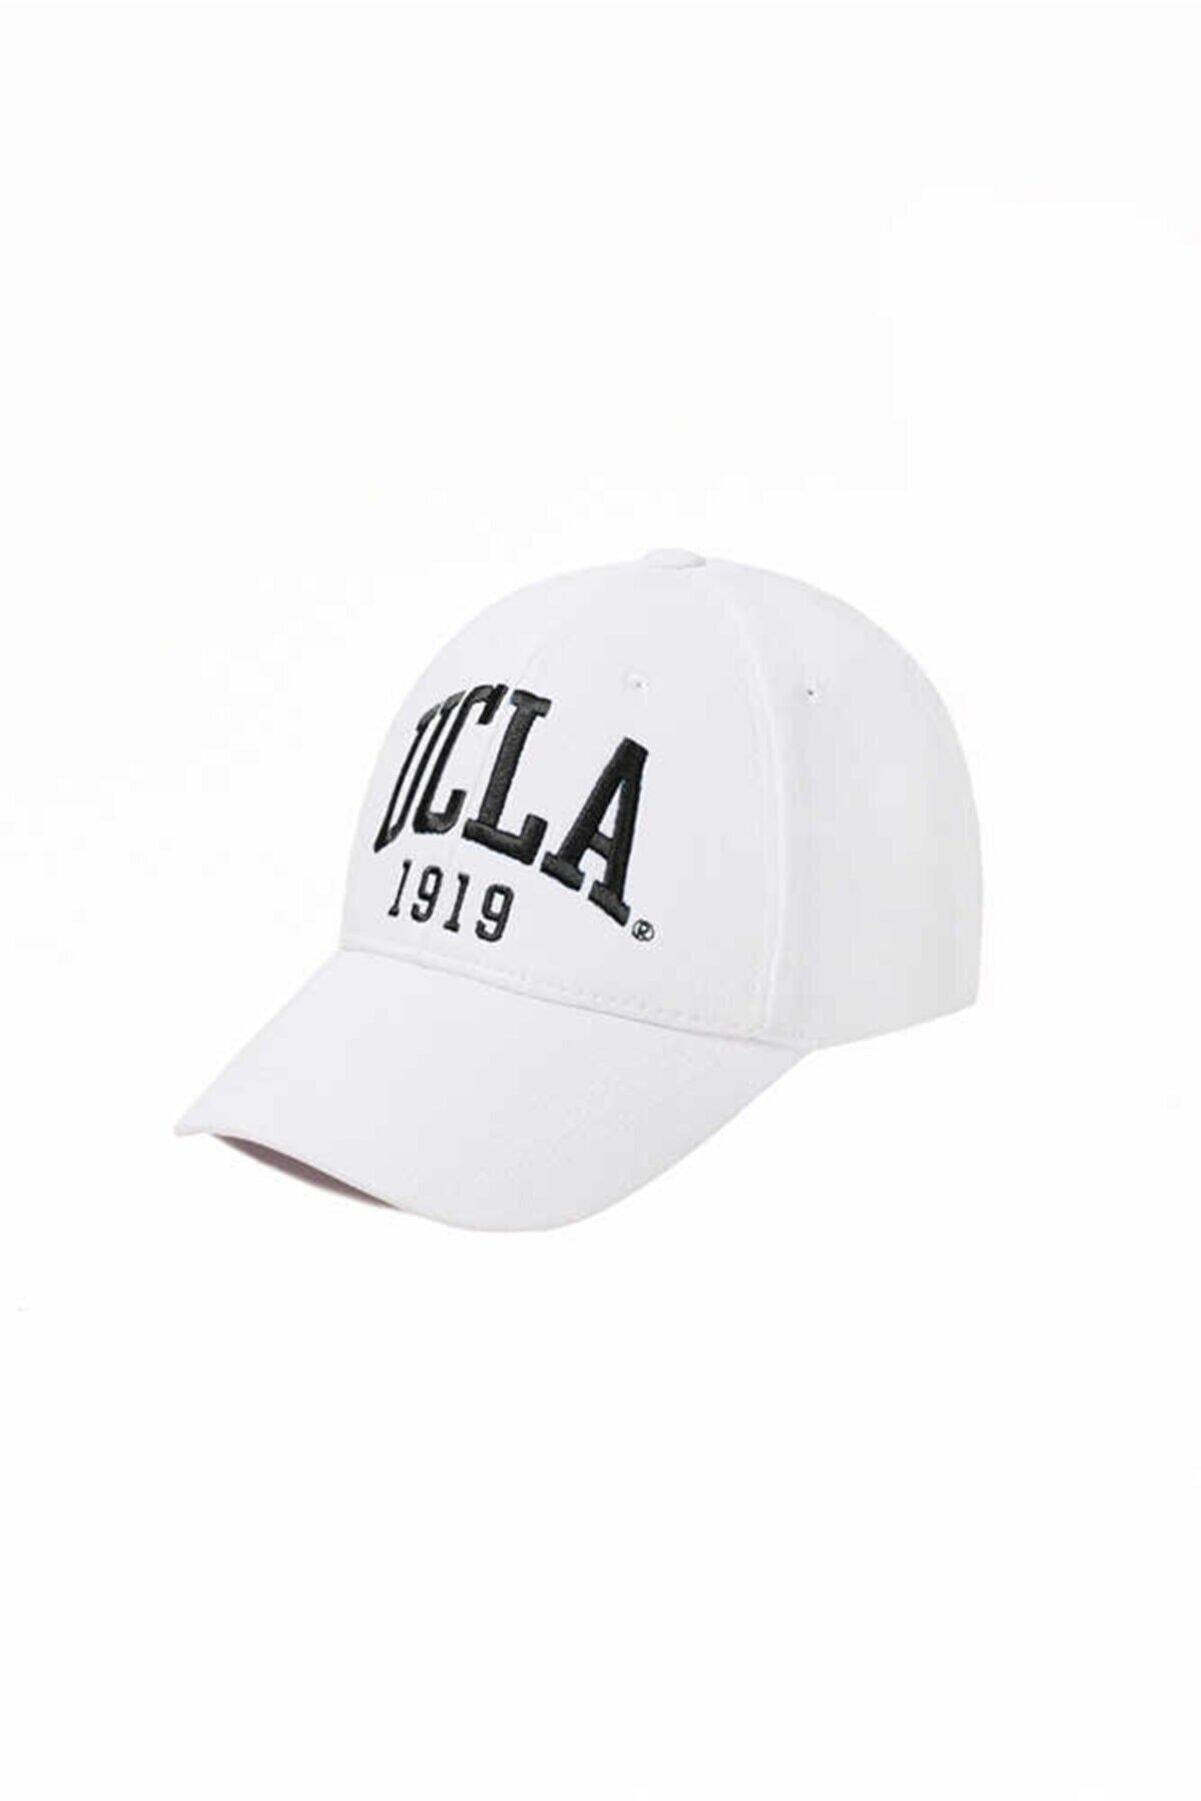 Ucla Ballard Beyaz Siyah Nakışlı Şapka